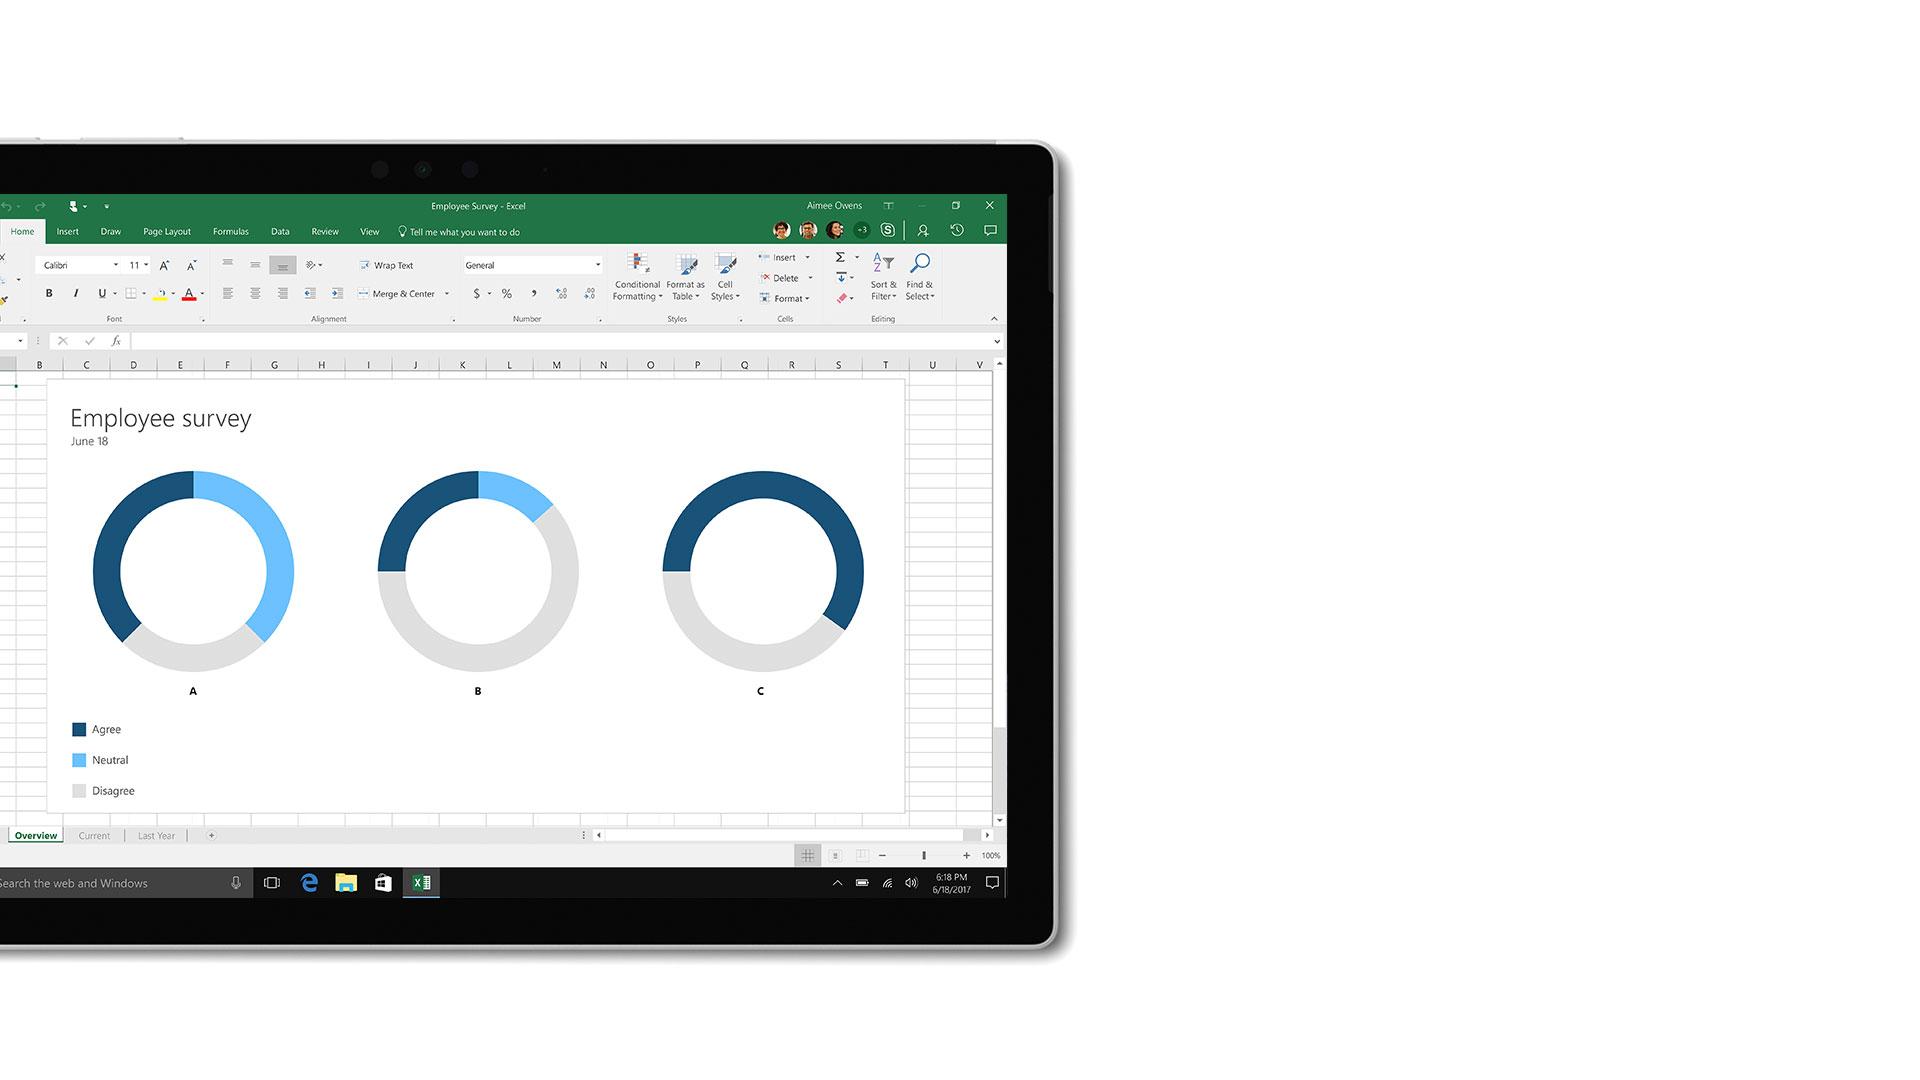 Produktbild der Benutzeroberfläche von Microsoft Excel